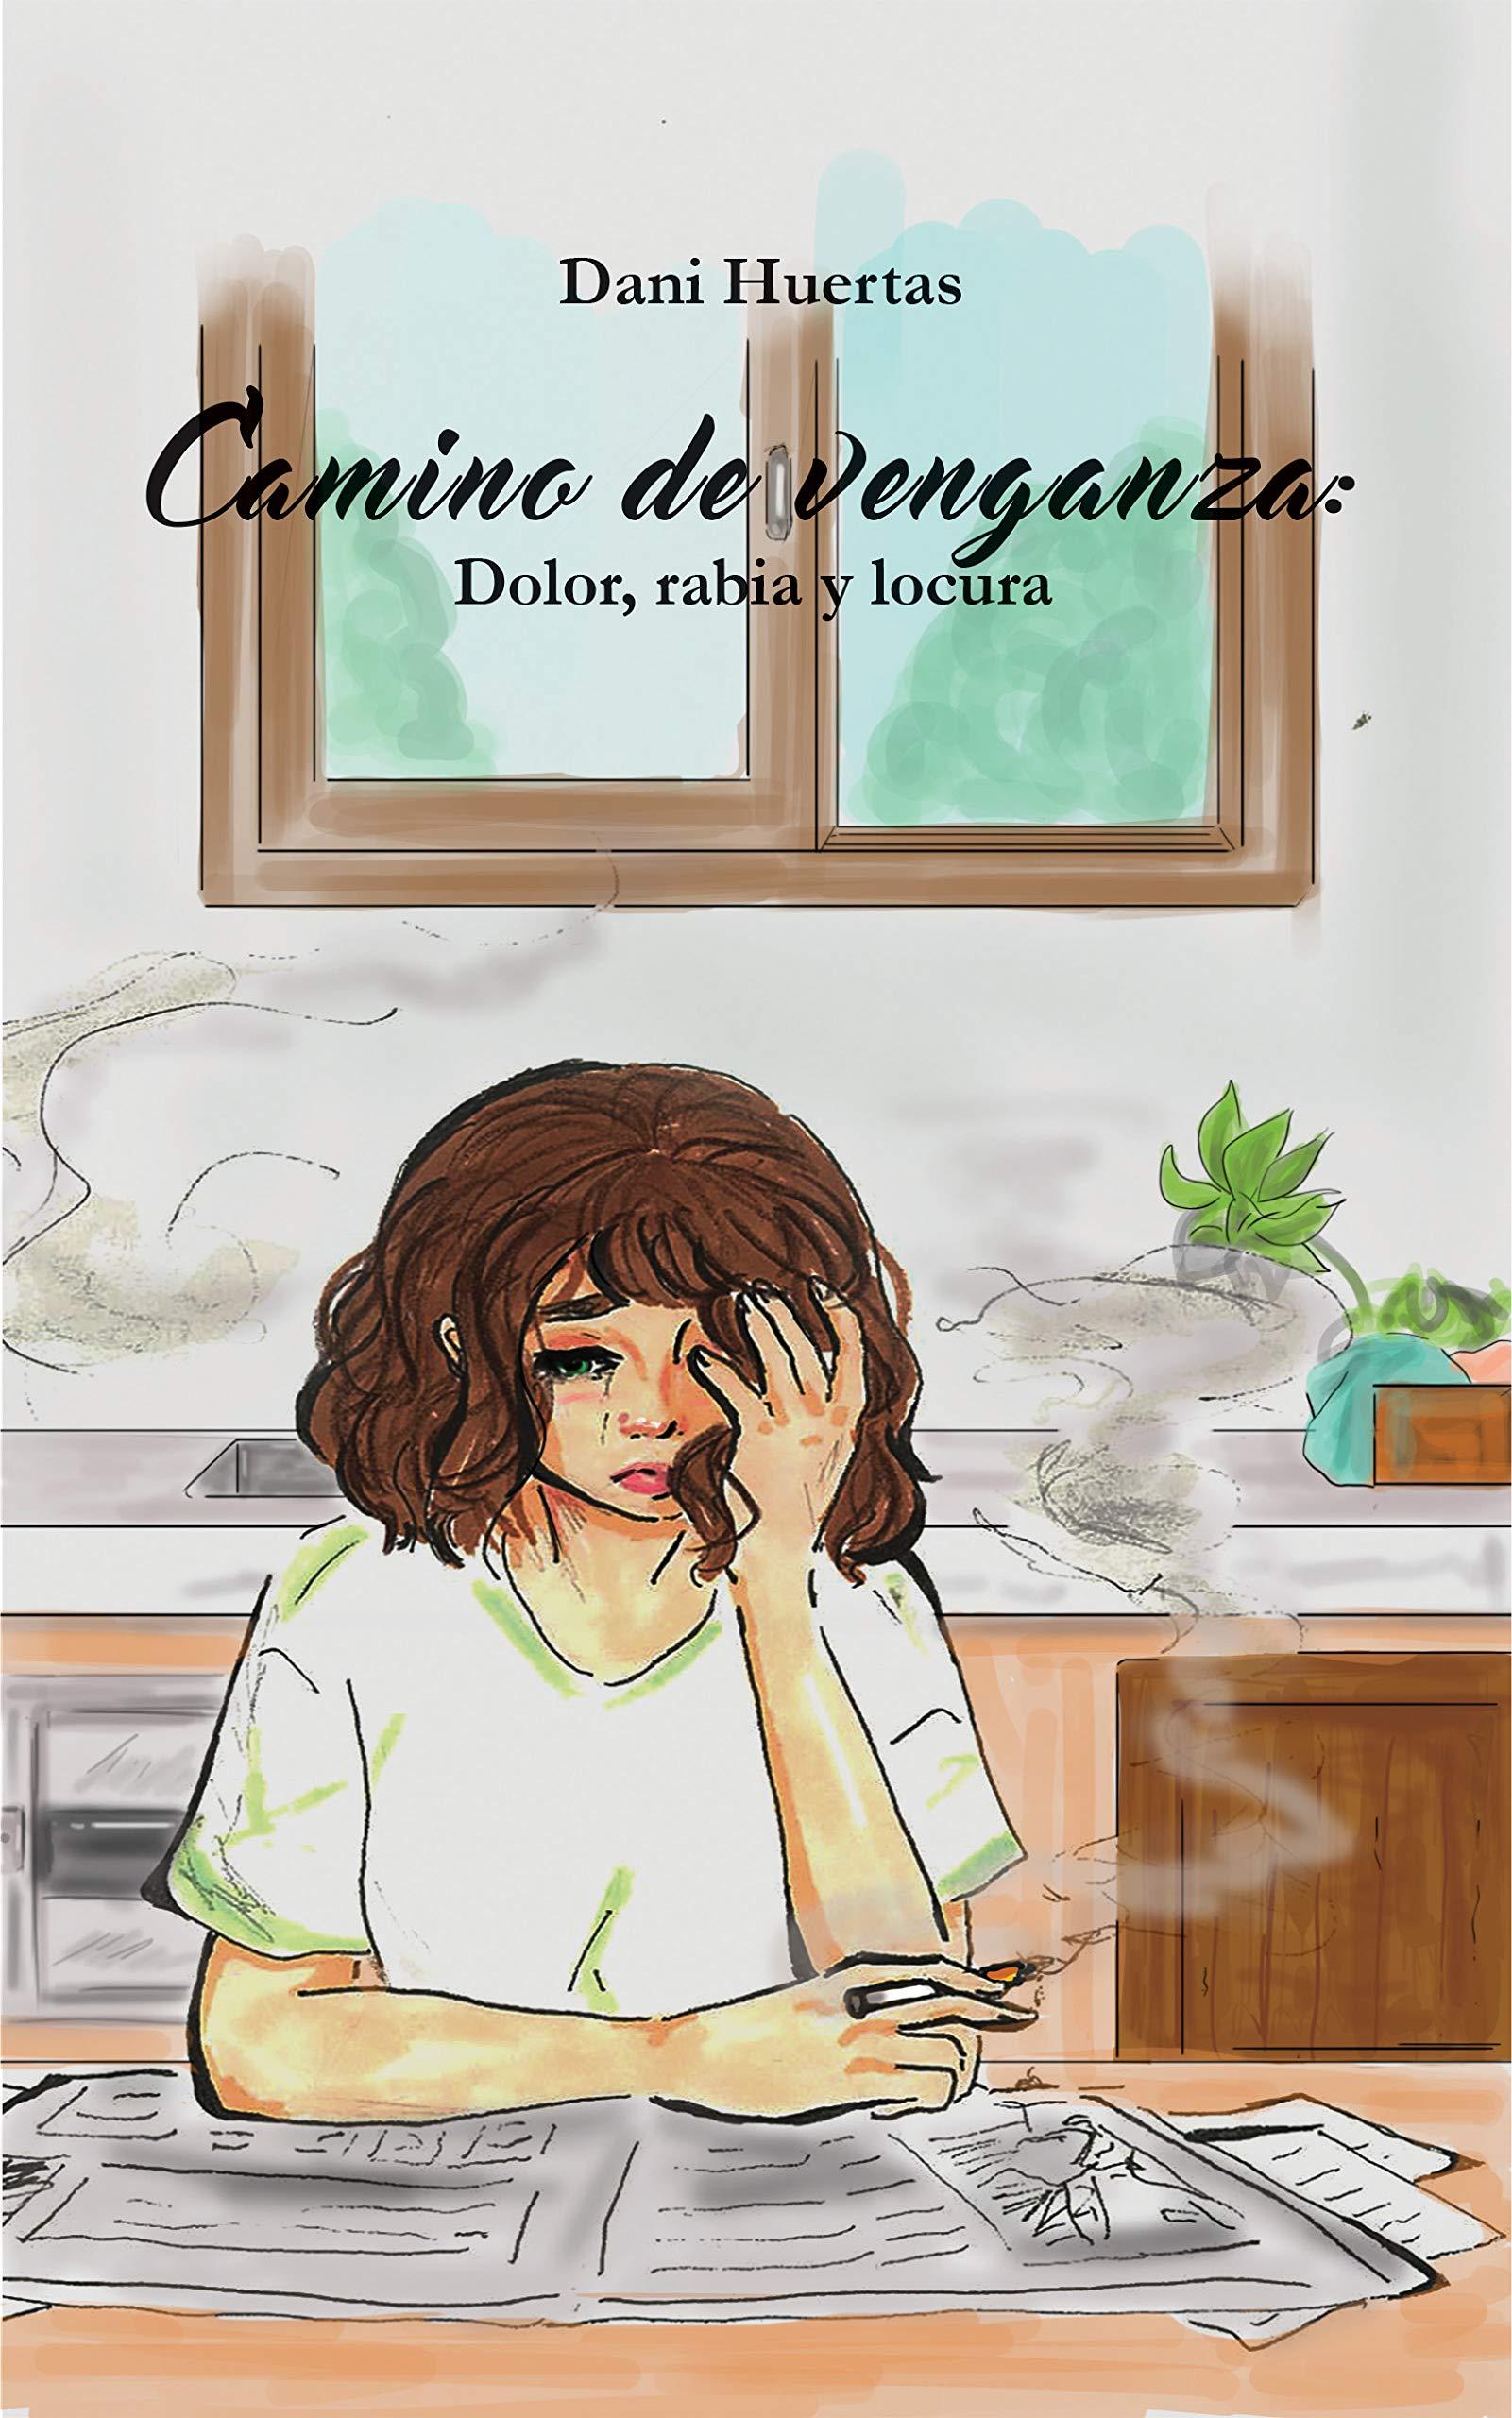 Camino de venganza: Dolor, rabia y locura por Dani Huertas